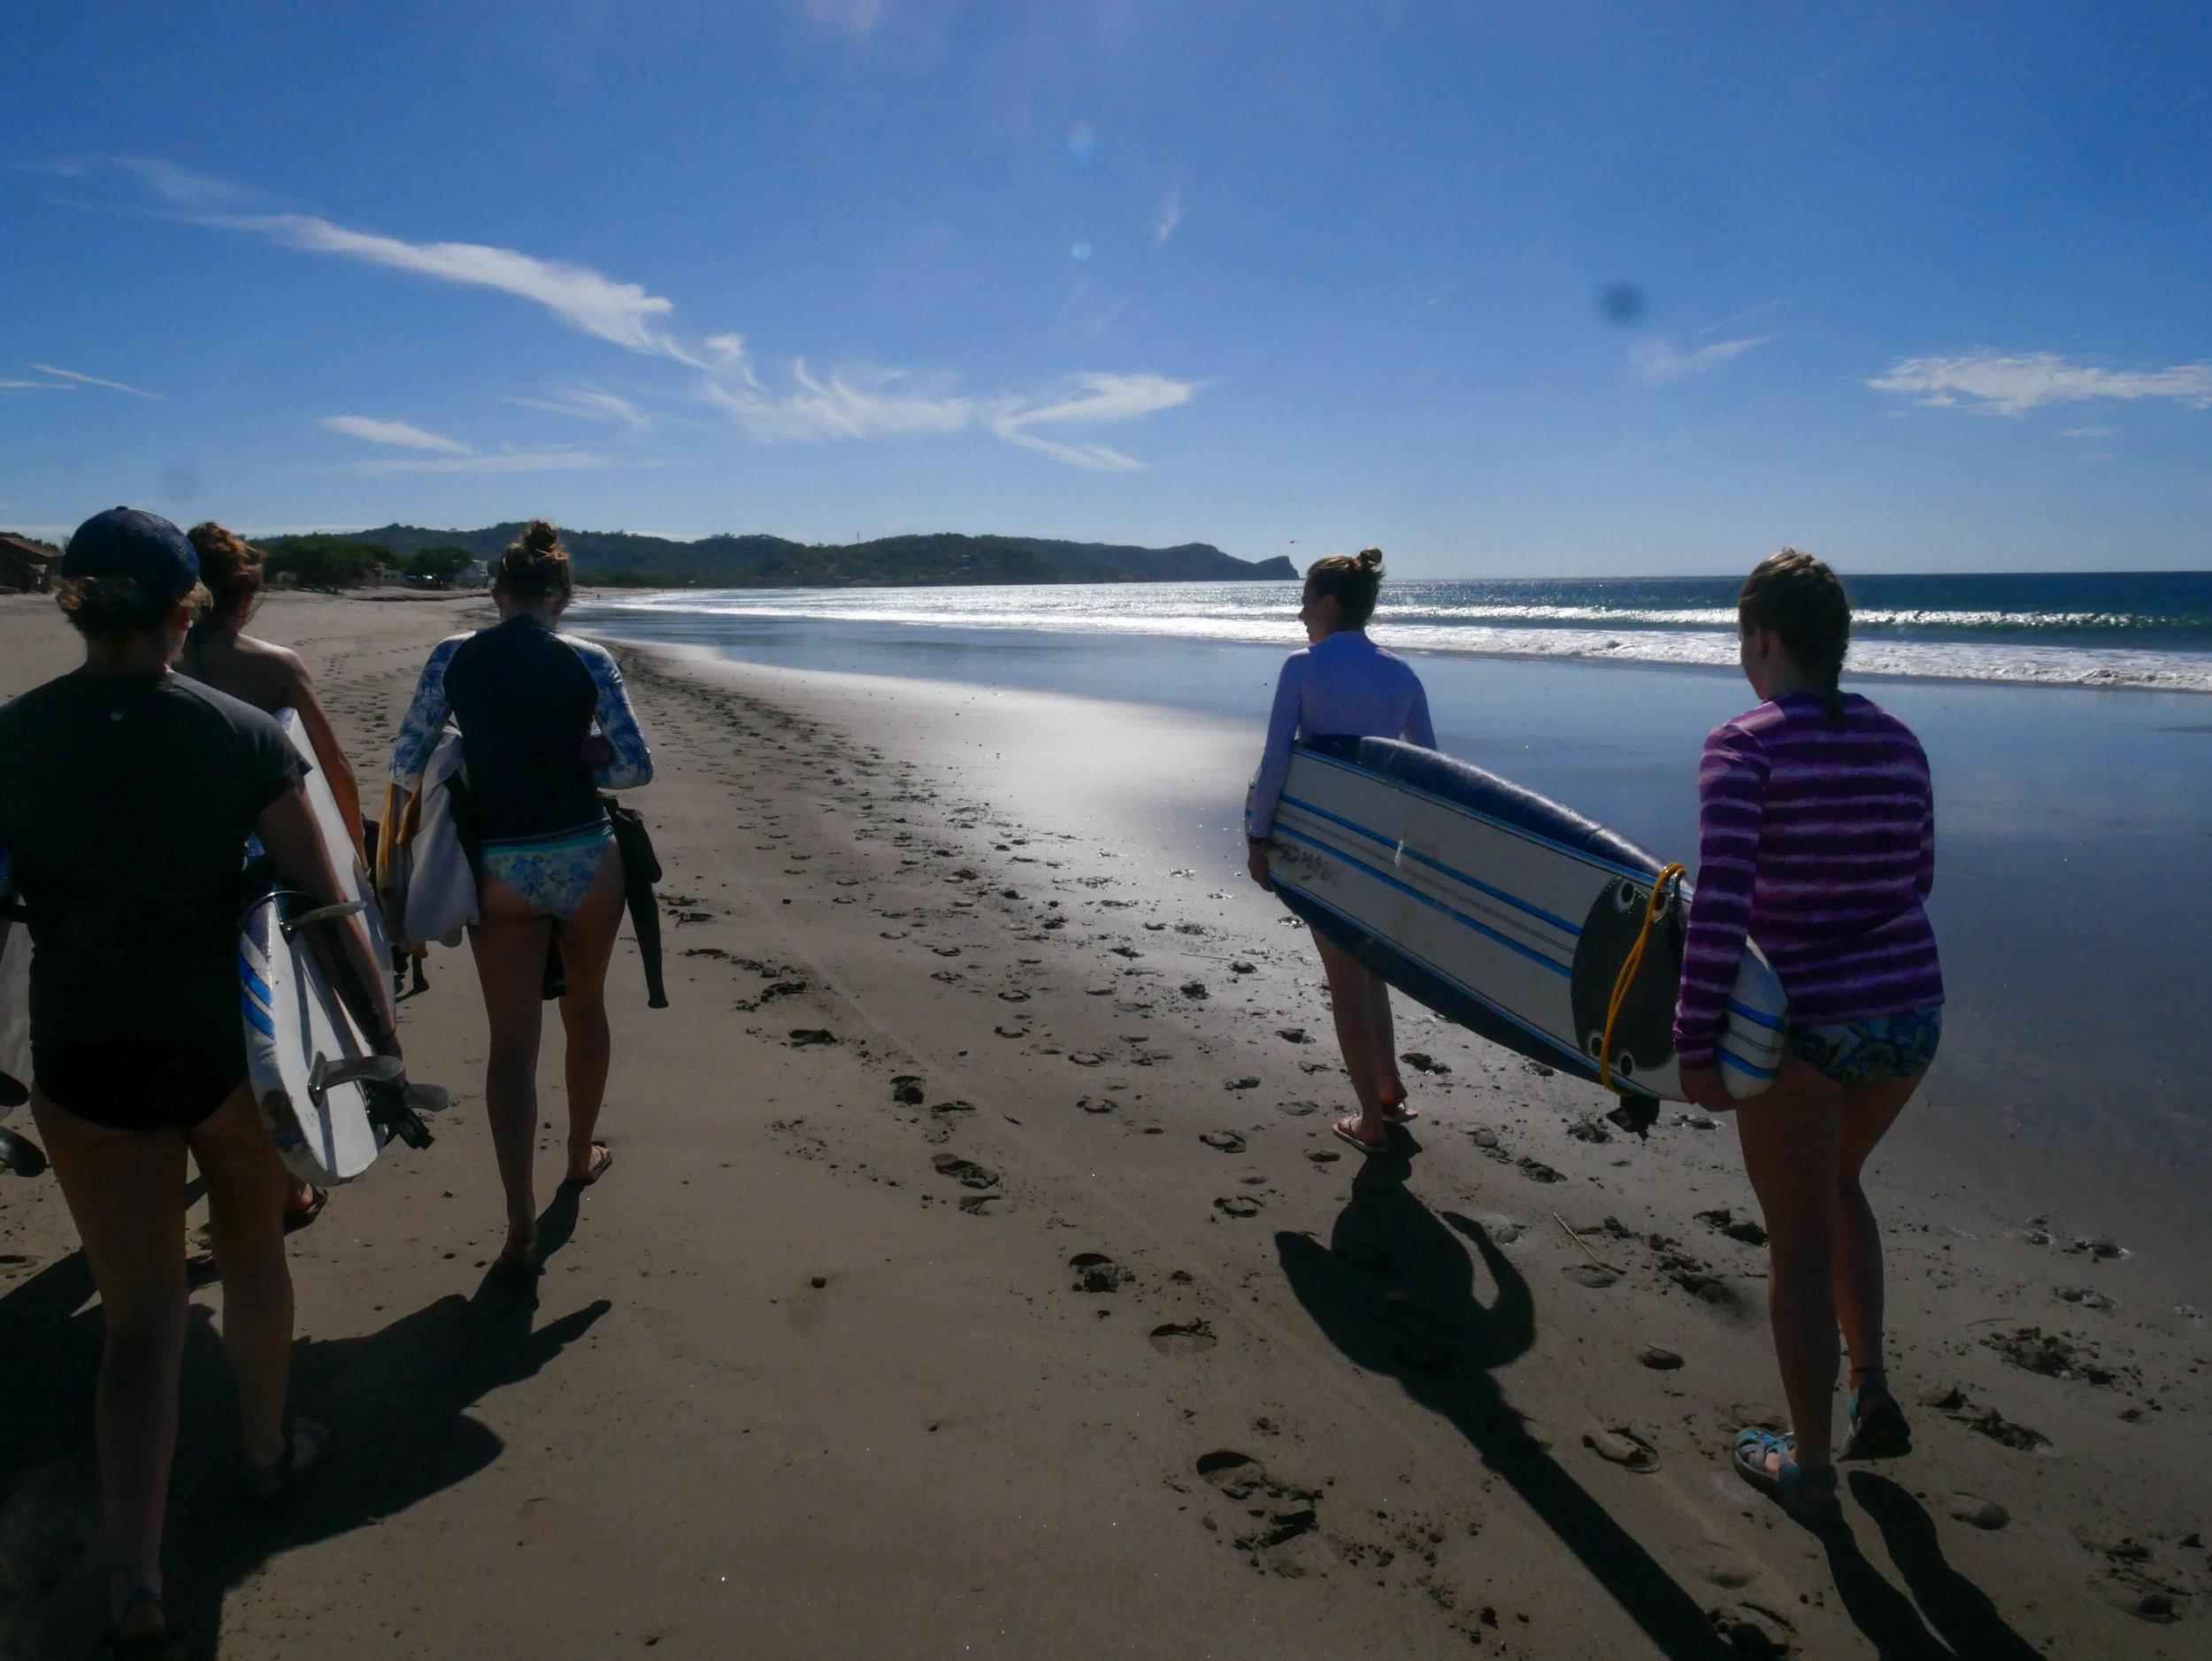 Surf's up! Lets get it ladies!